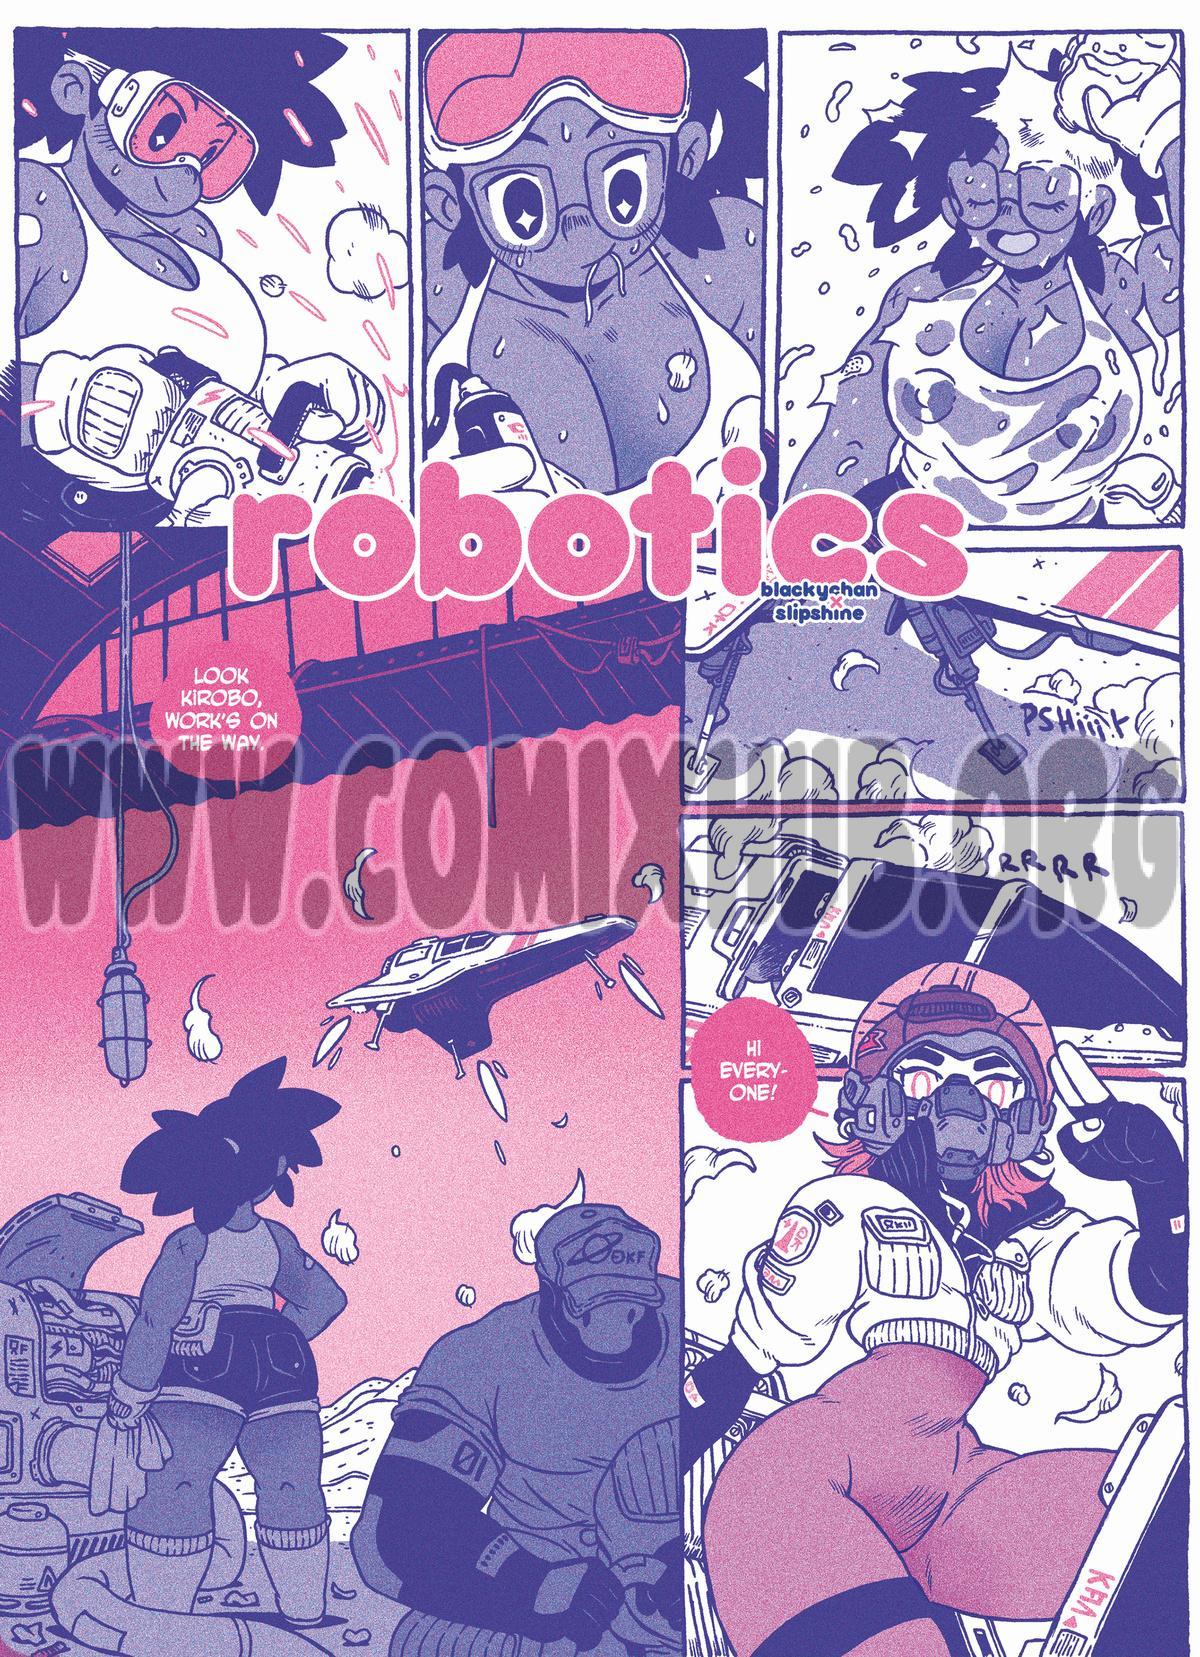 Robotics porn comics Oral sex, Anal Sex, Blowjob, Cum Shots, Cum Swallow, Glasses, Sci-Fi, Straight, Titfuck